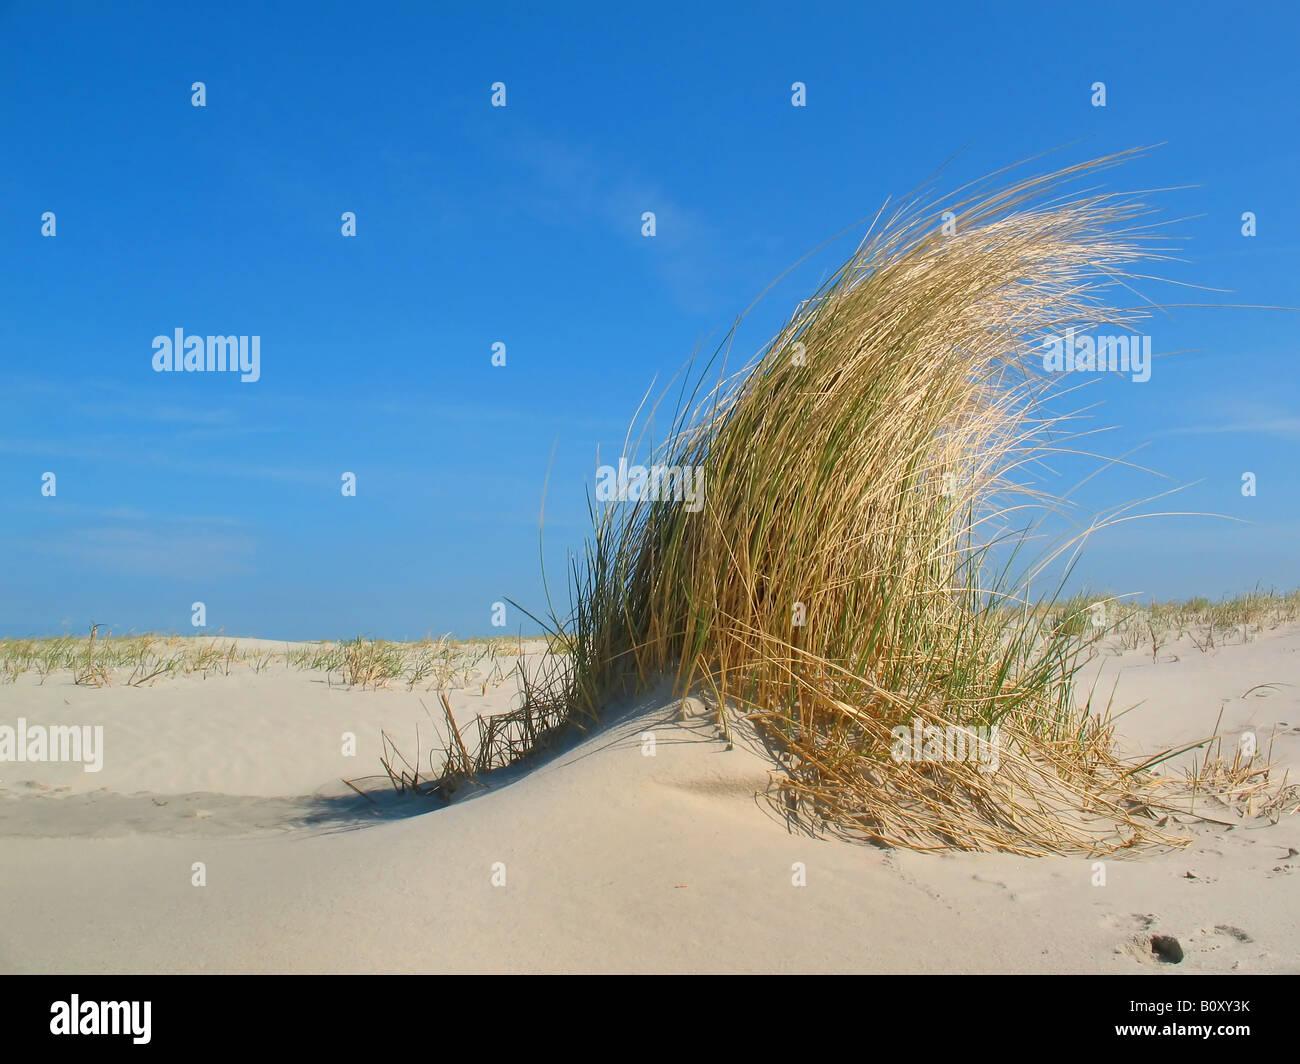 Blue lyme grass blue dune - Beach Grass European Beachgrass Marram Grass Psamma Sea Sand Reed Ammophila Arenaria Dune Grass On A Sandy Beach Under A